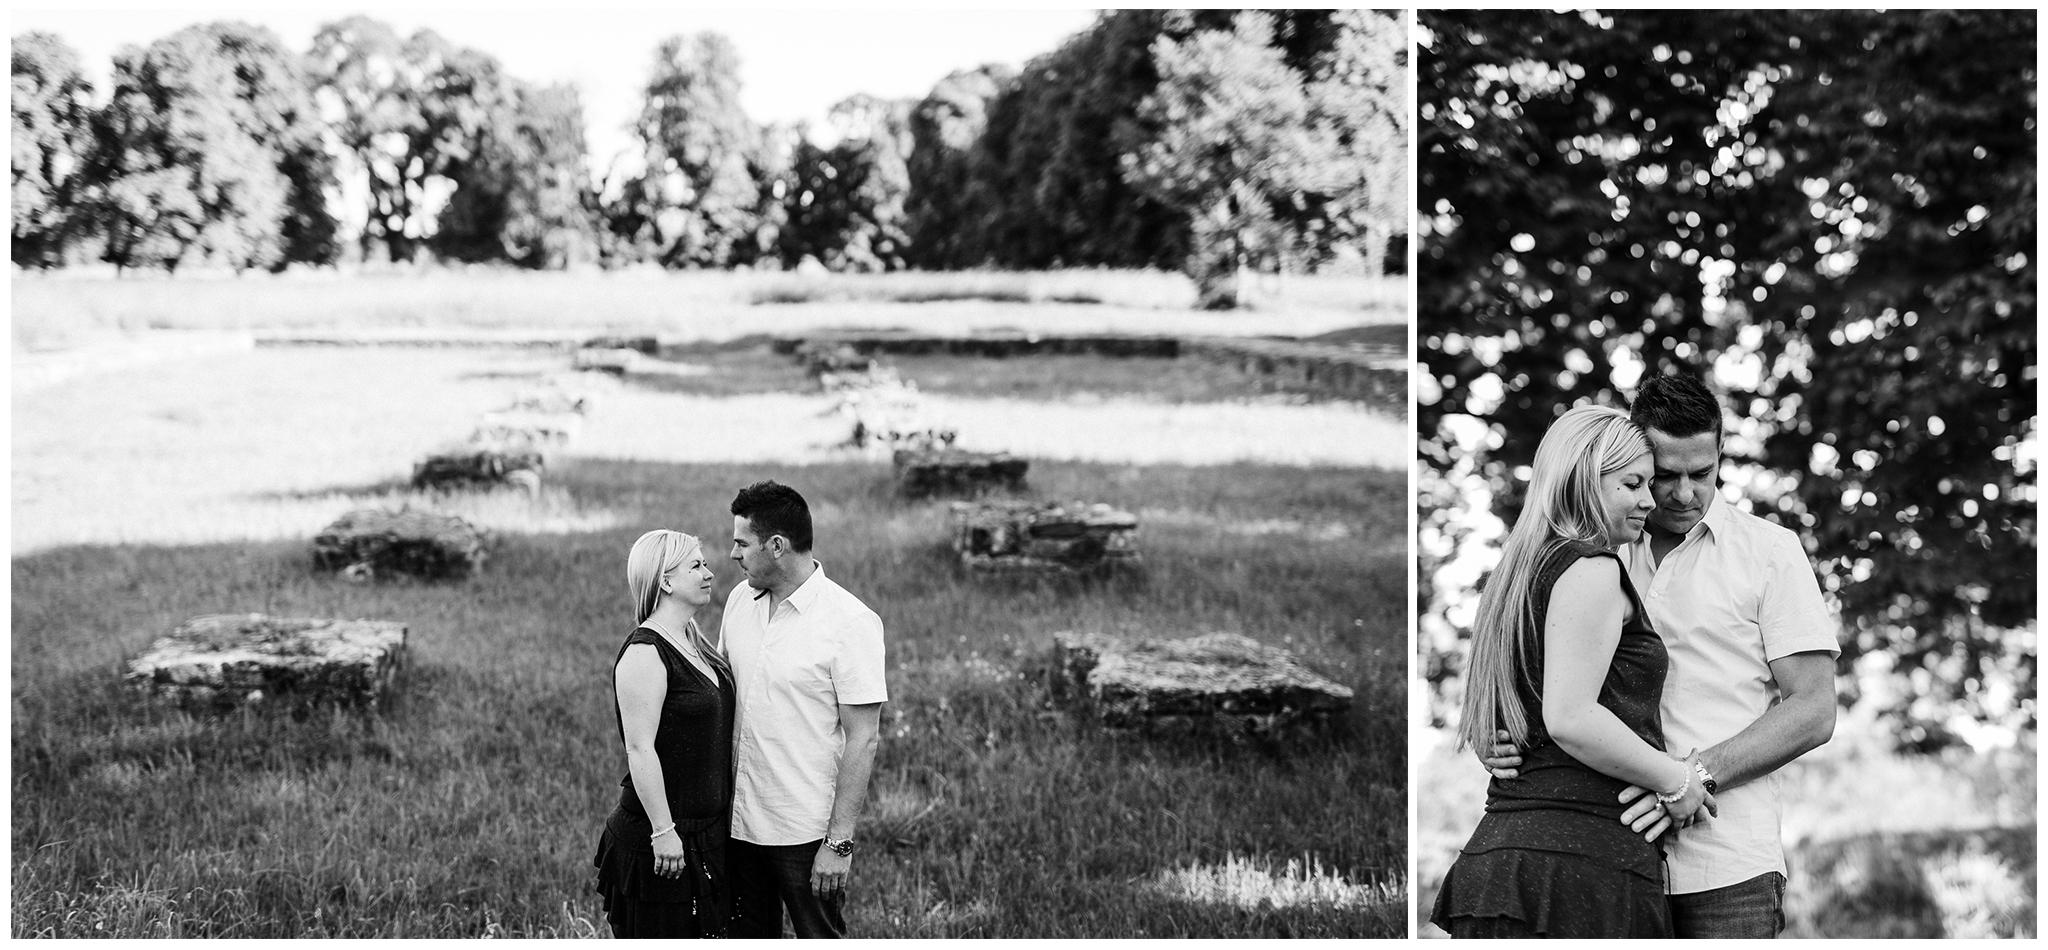 MONT_FylepPhoto, Esküvőfotós Vasmegye, Esküvő fotózás, Esküvői fotós, Körmend, Vas megye, Dunántúl, Budapest, Balaton, Fülöp Péter, Jegyes fotózás, jegyesfotó_Barb&Zoli,2018_8.jpg